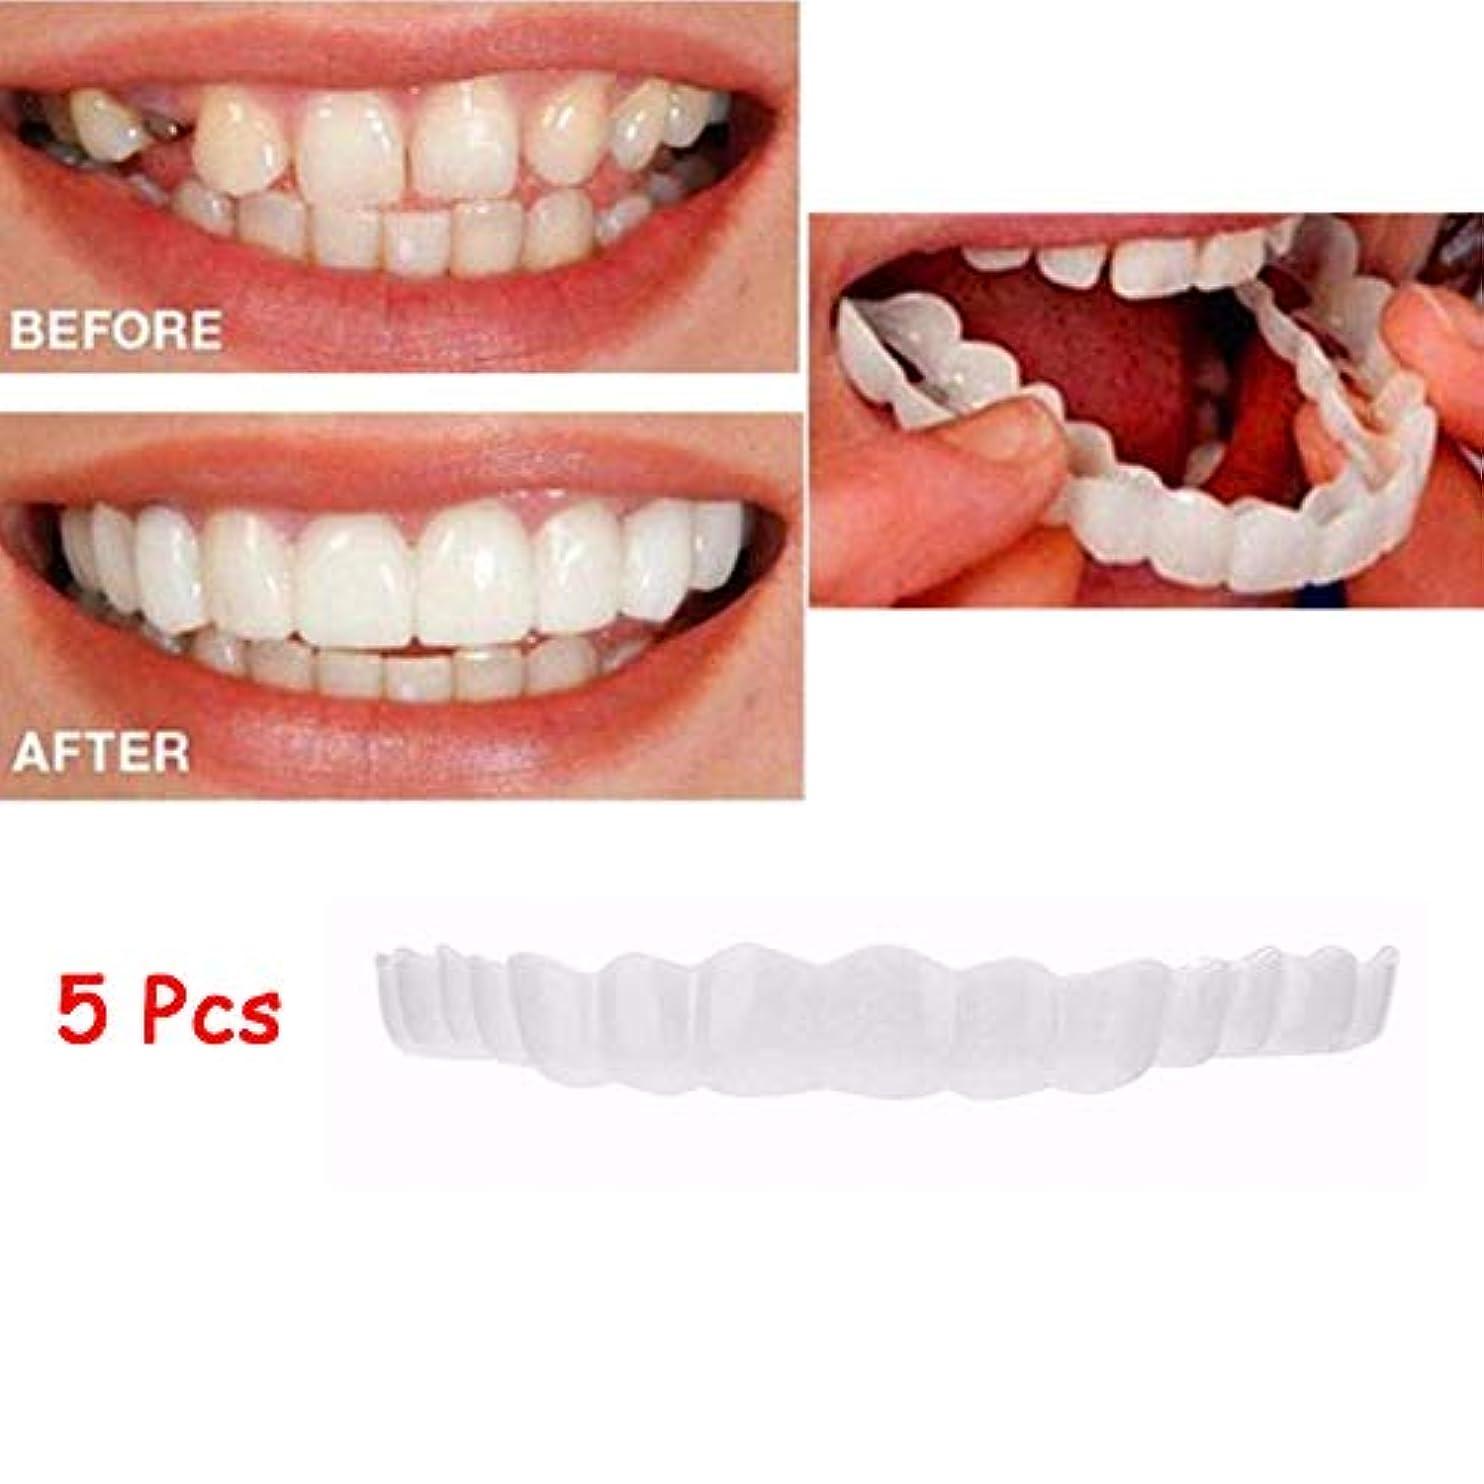 垂直疑い者支給5本突き板、化粧品の歯 - 一時的な笑顔の快適さフレックス歯のベニー